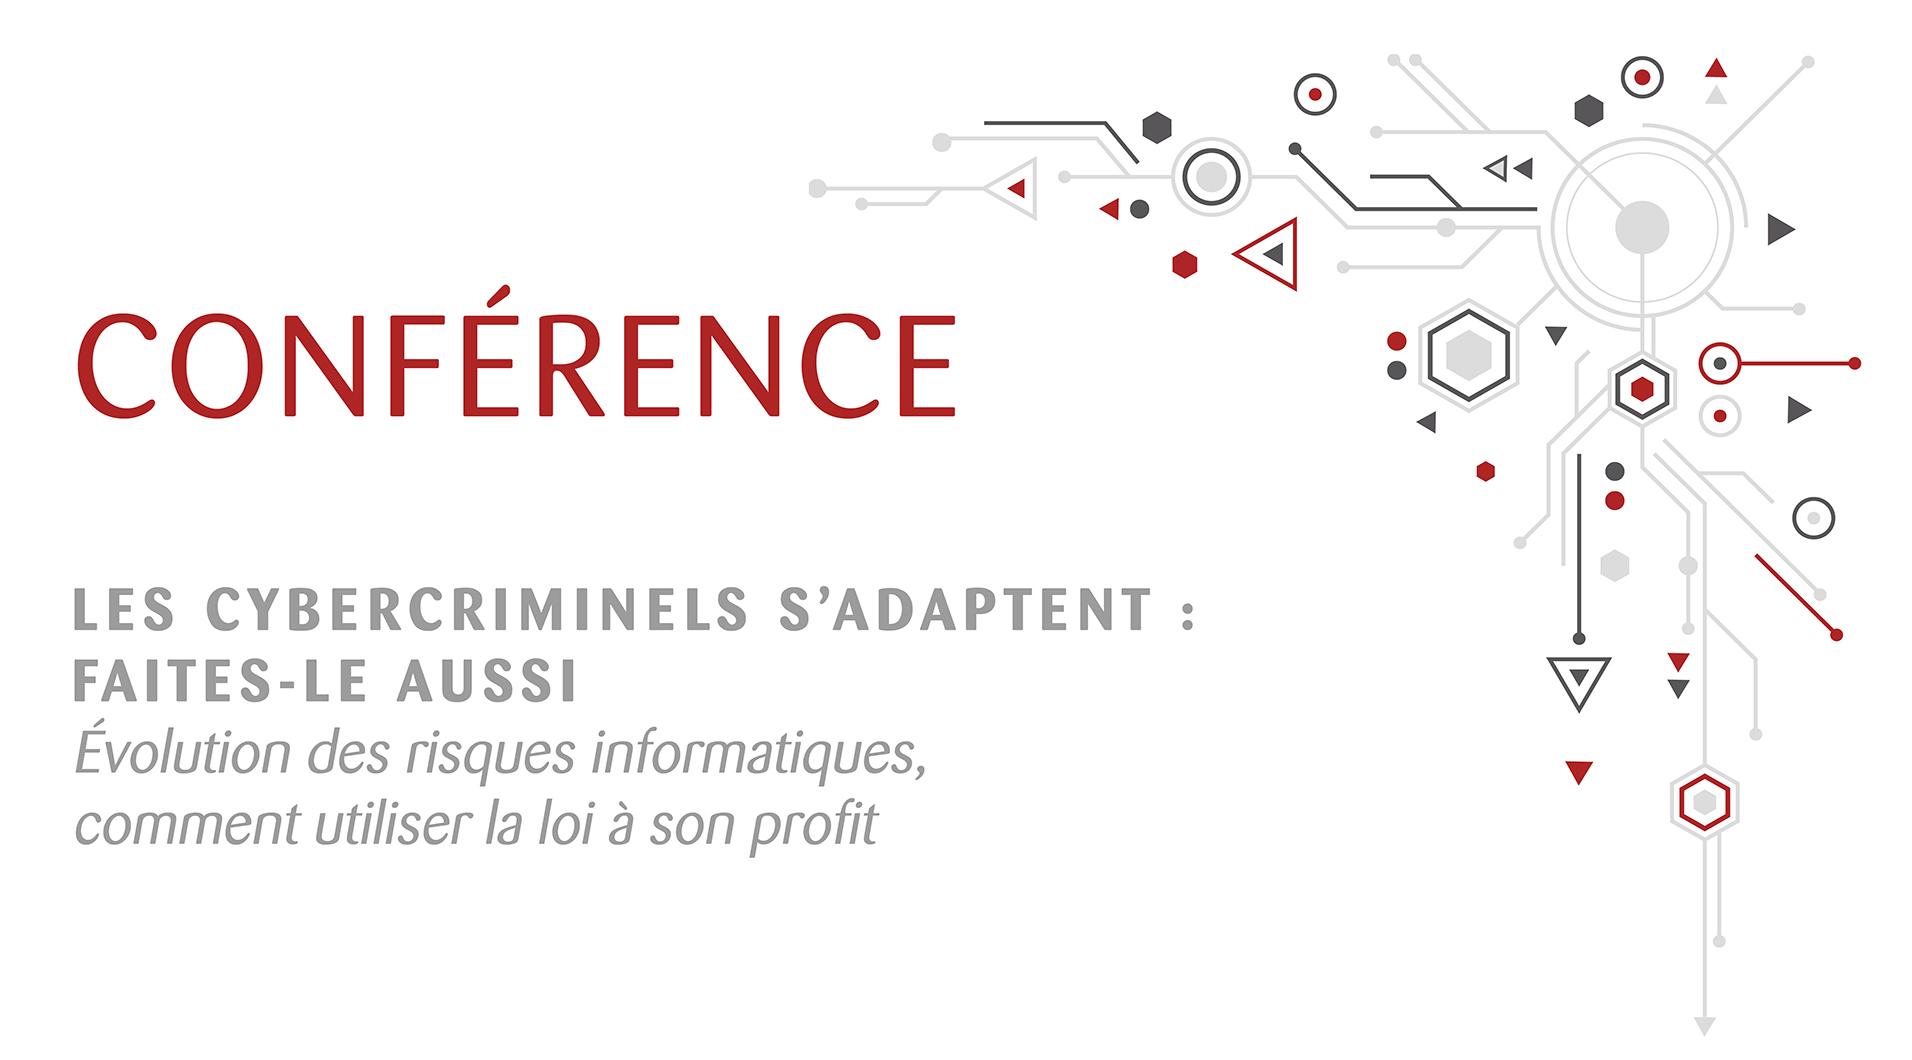 Cybercriminalité - Copie